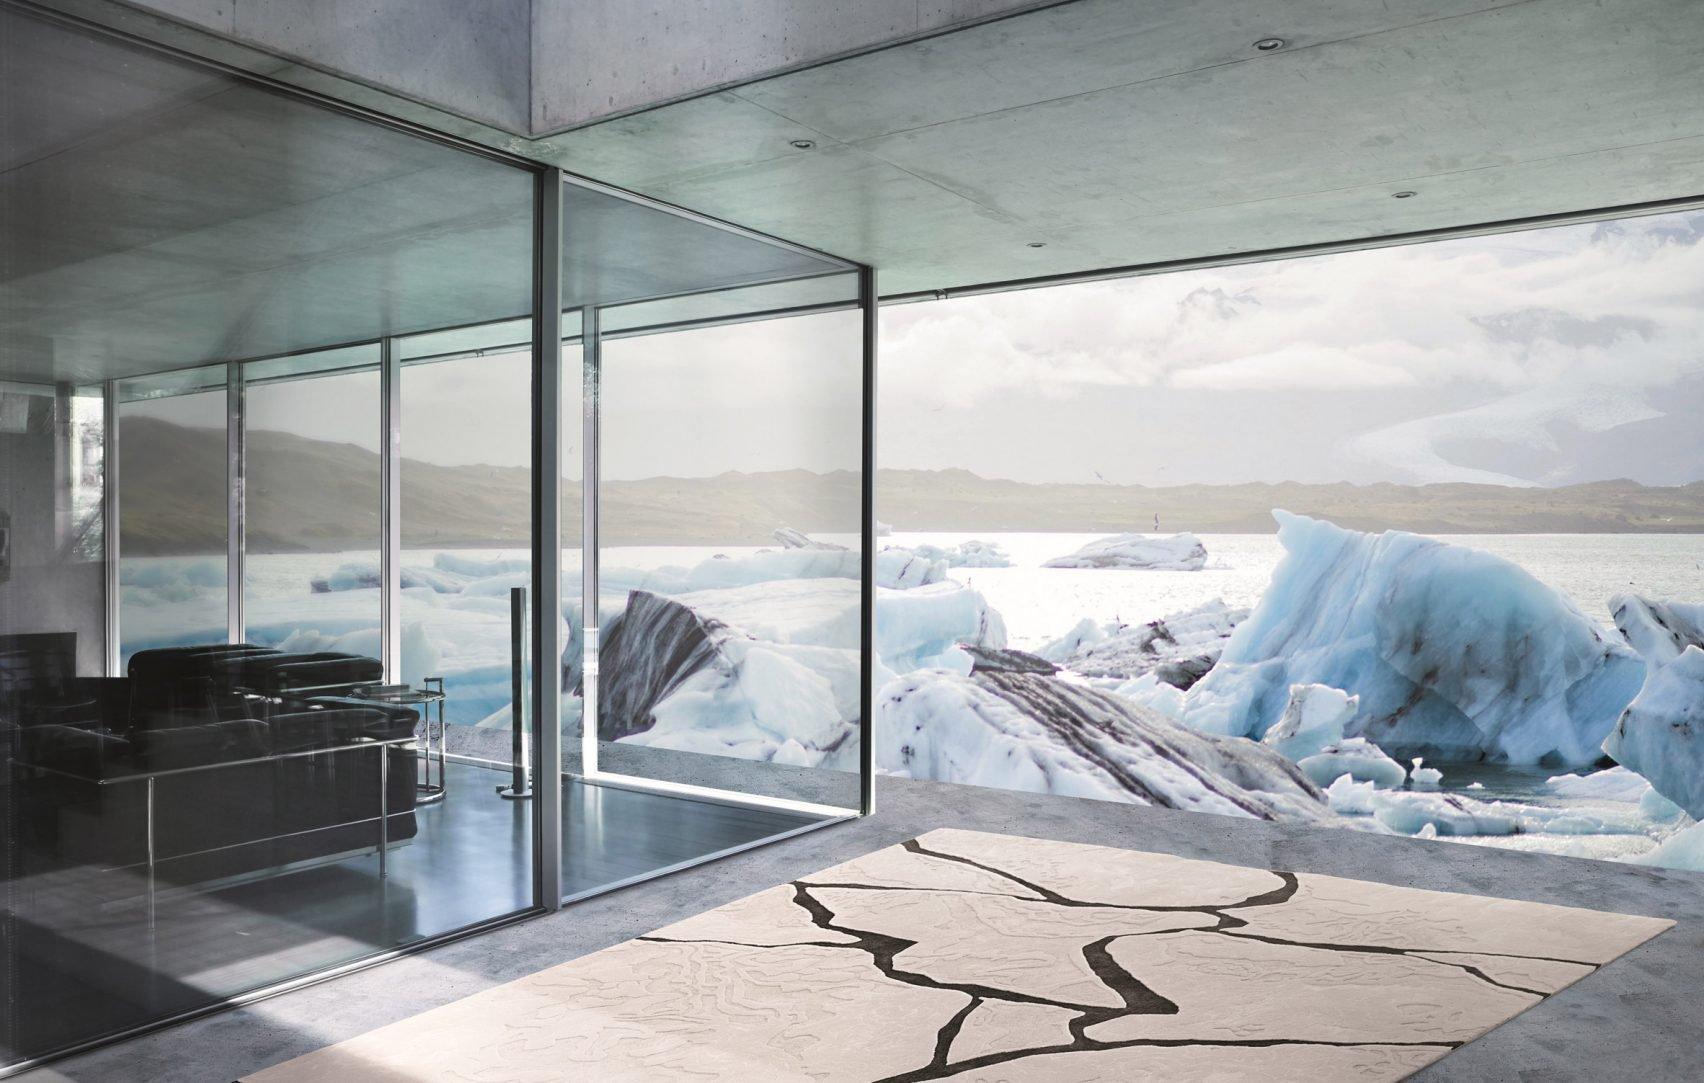 Ковры снова в моде: американский дизайнер посвятил новую коллекцию изменениям климата